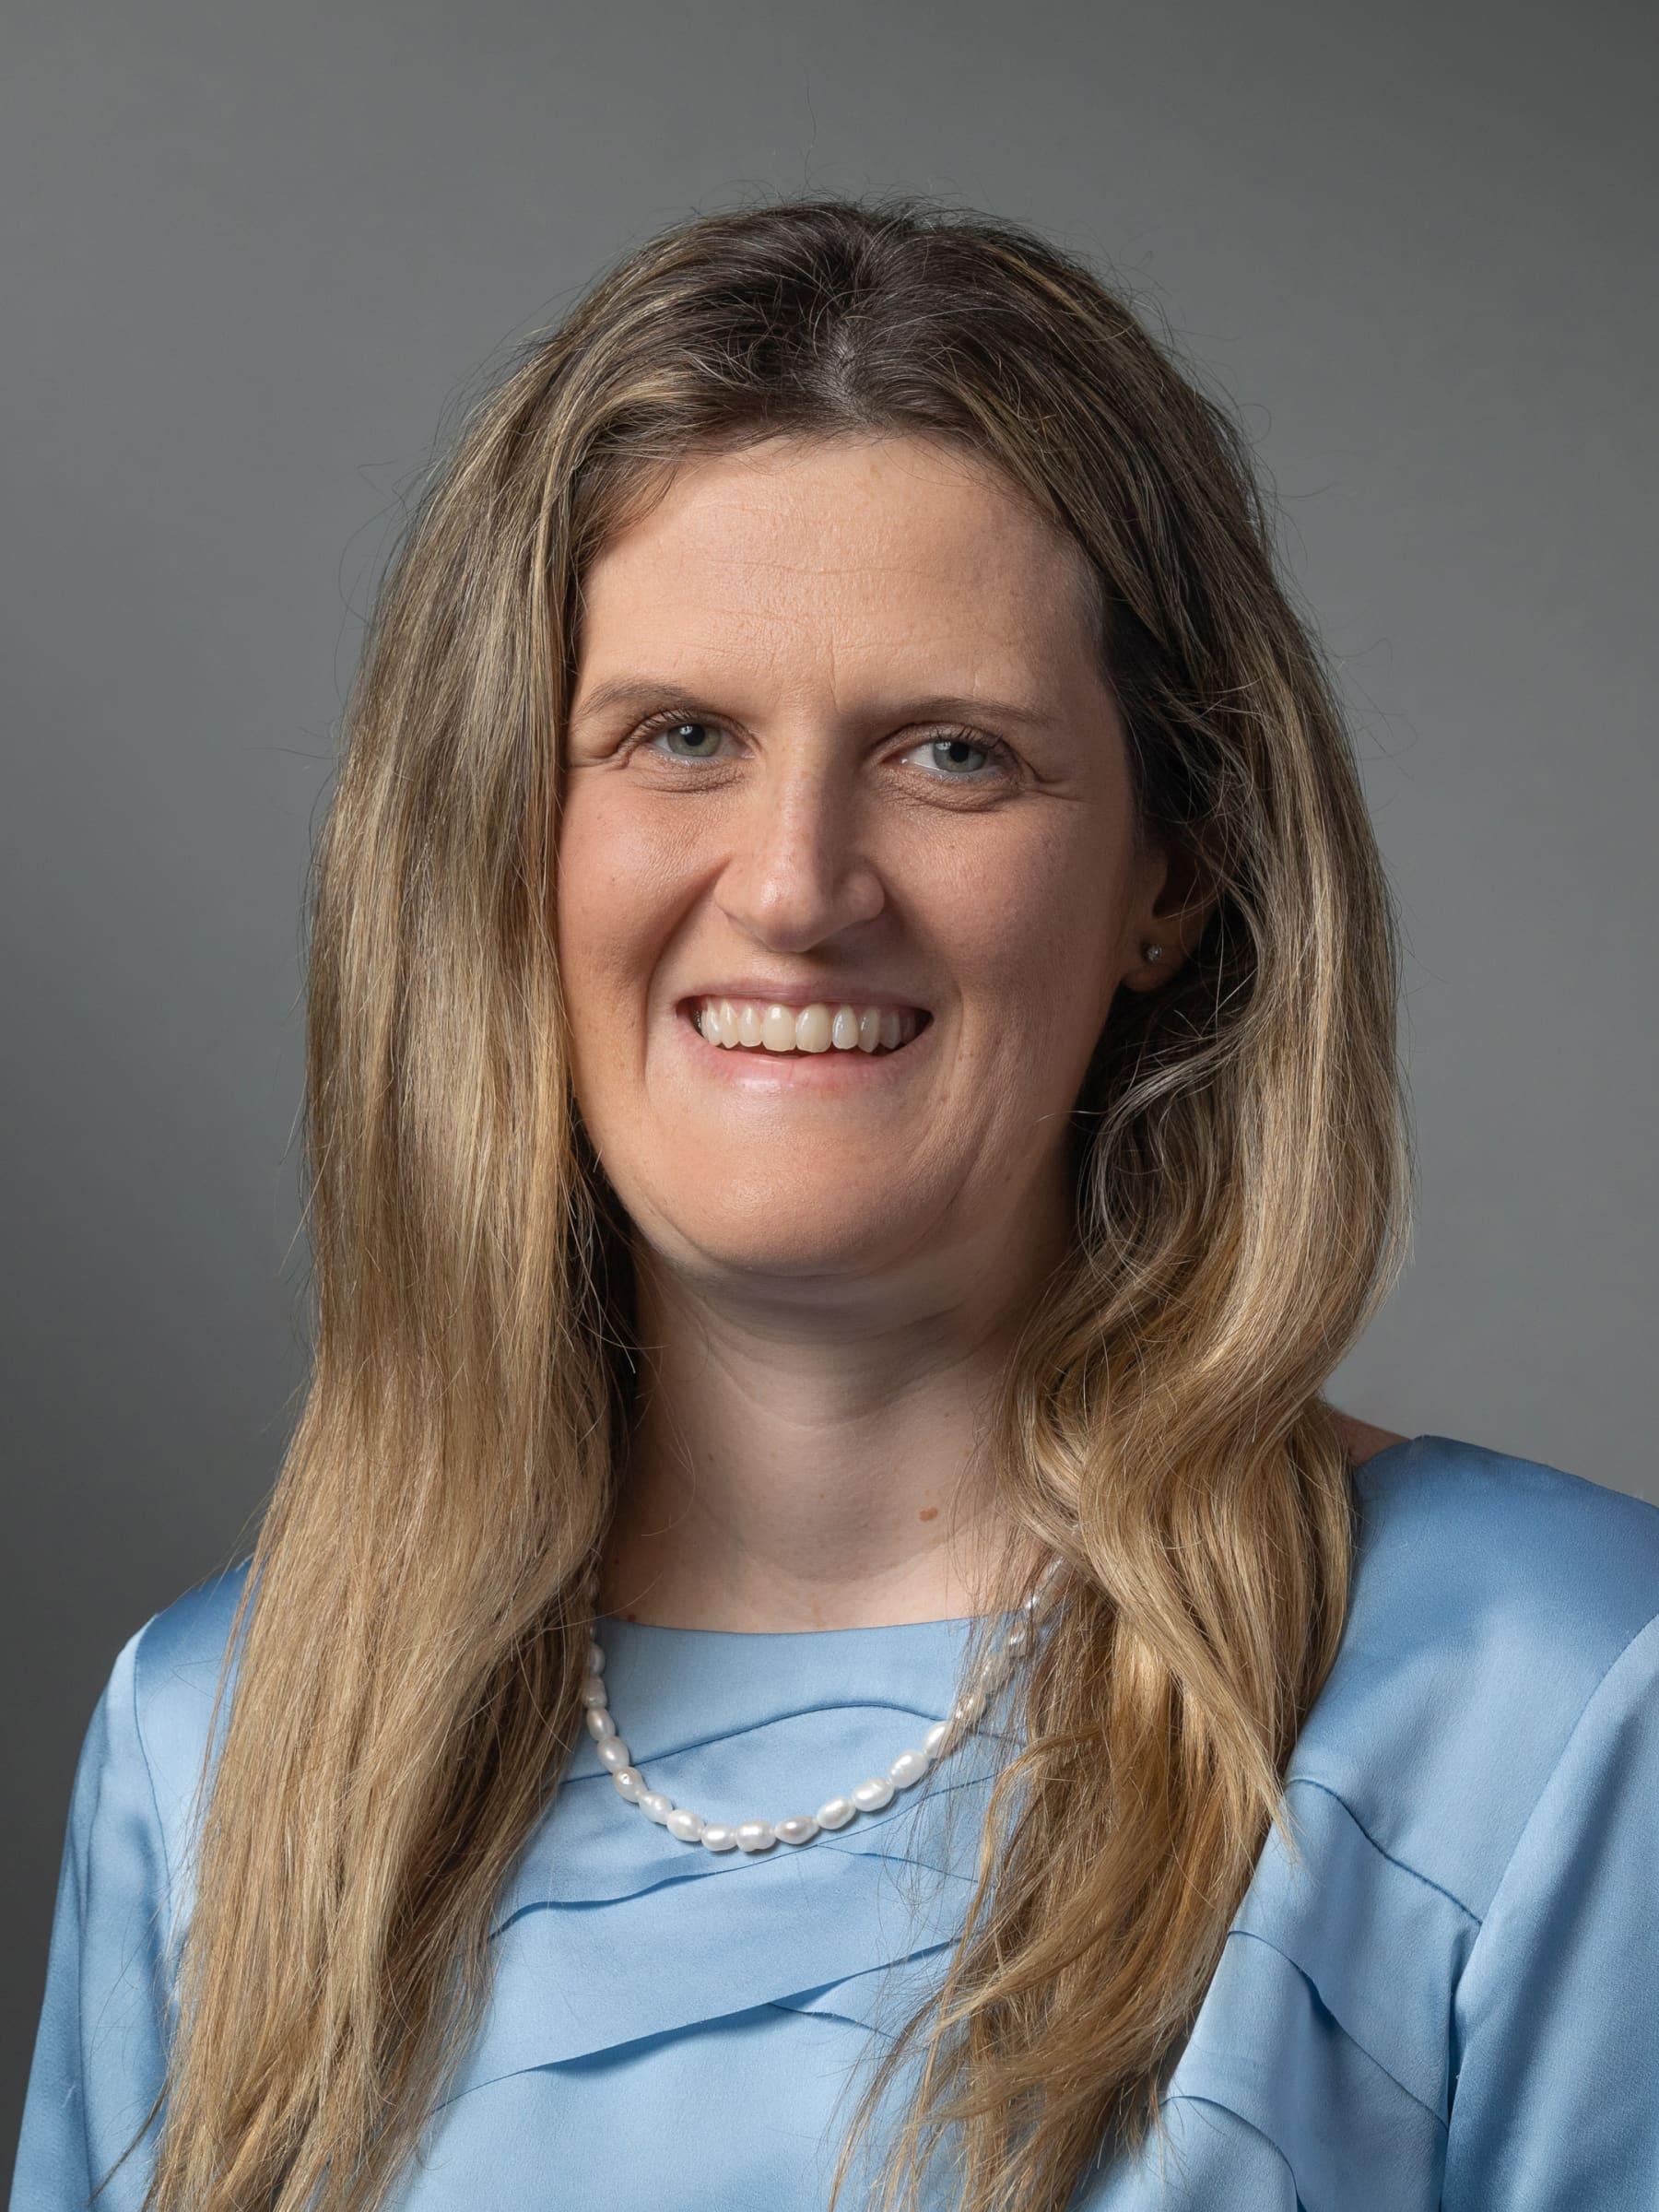 Anne Spichler Moffarah